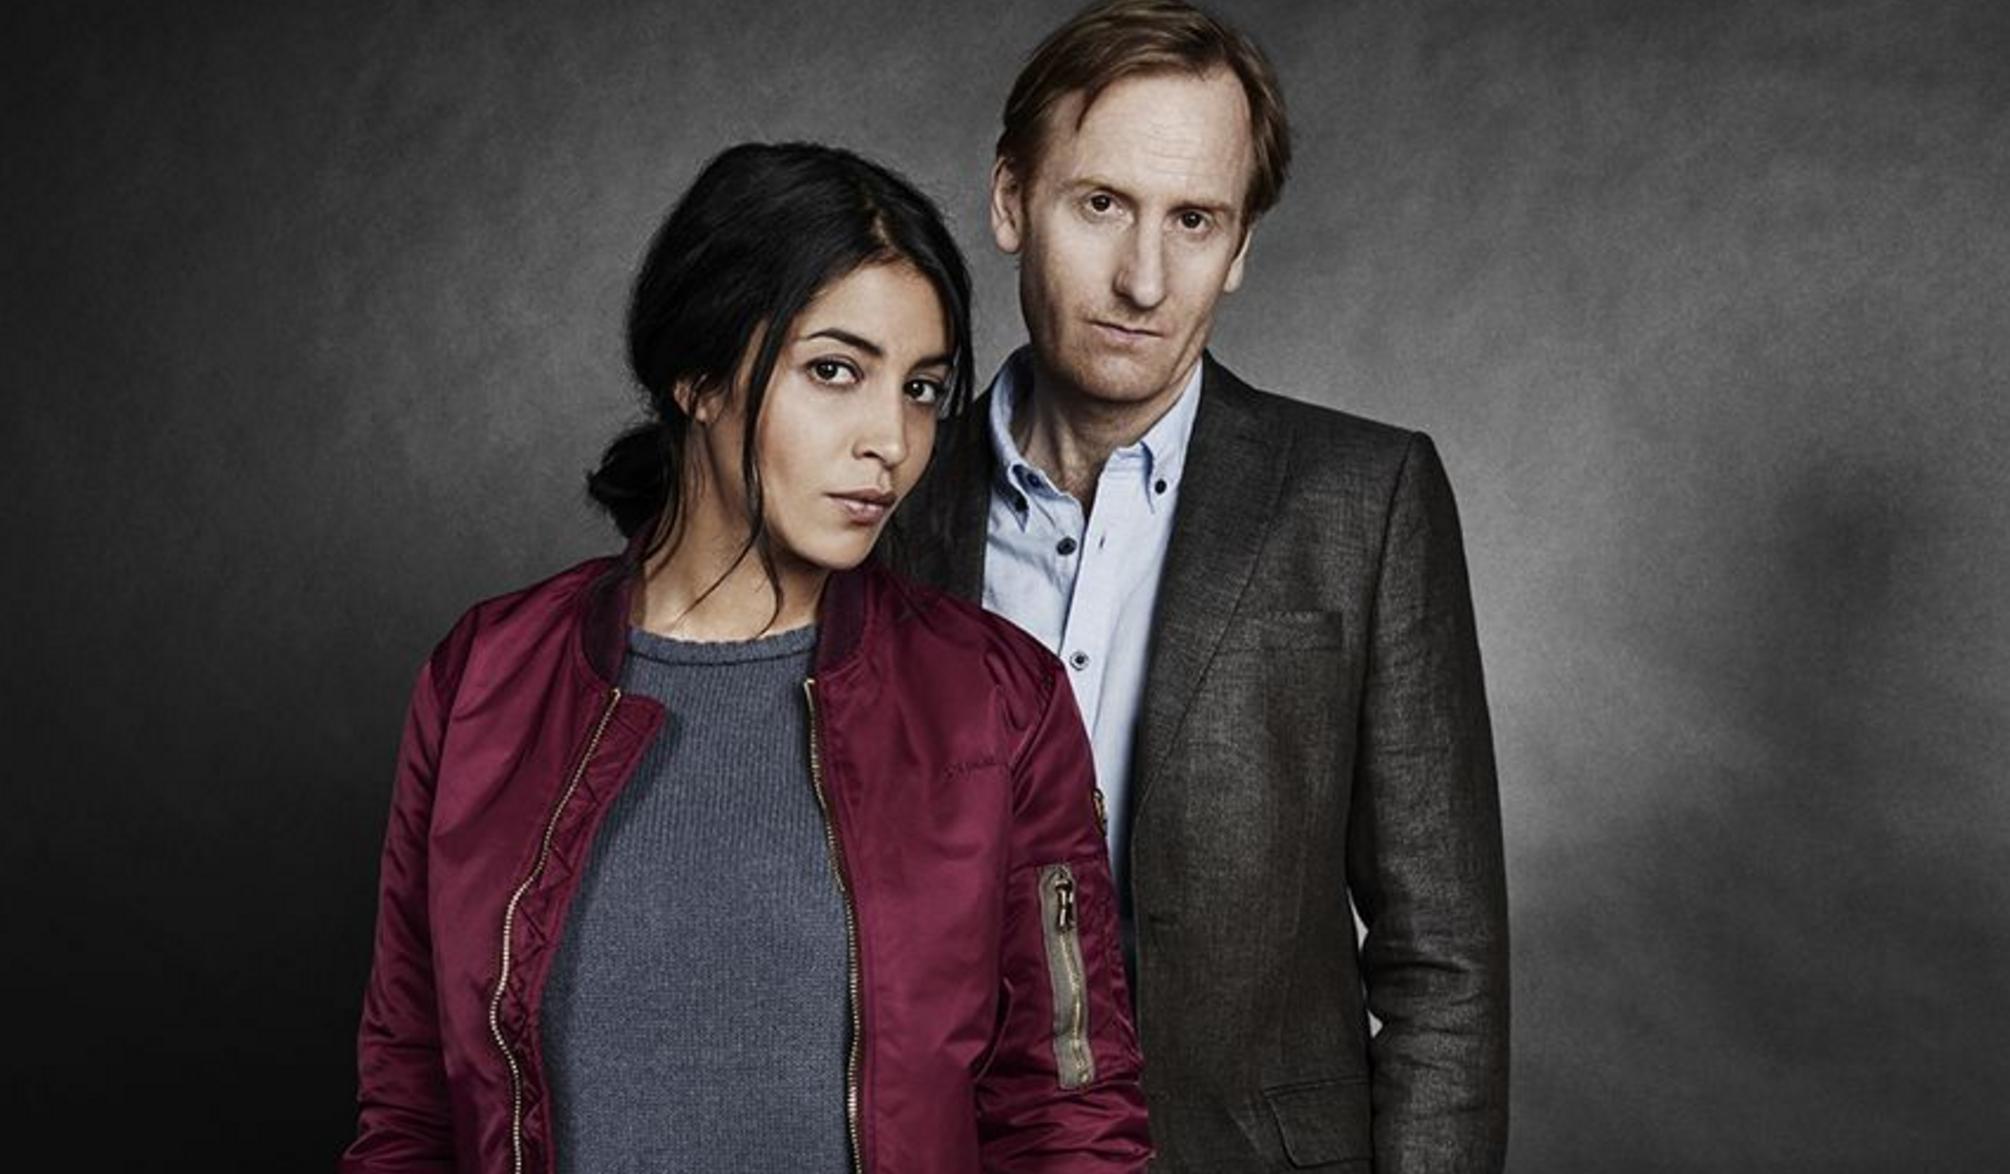 """Leila Bekhti och Gustaf Hammarsten i """"Jour Polaire/Midnattssol"""". Foto: Canal +/SVT"""